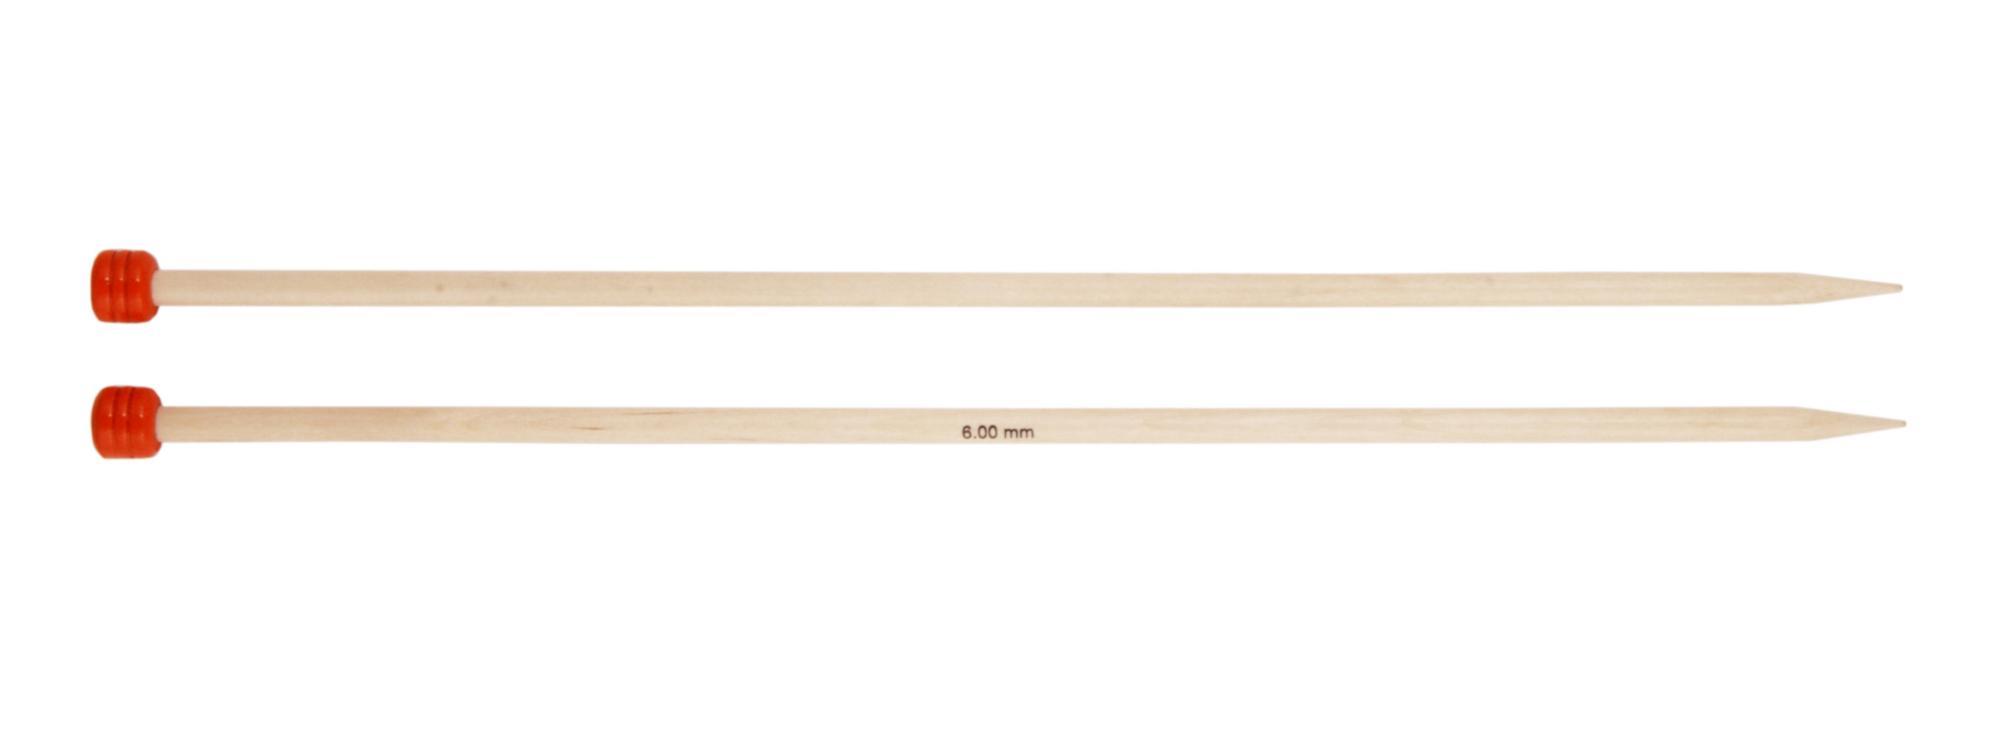 Спицы прямые 30 см Basix Birch Wood KnitPro, 35248, 7.00 мм